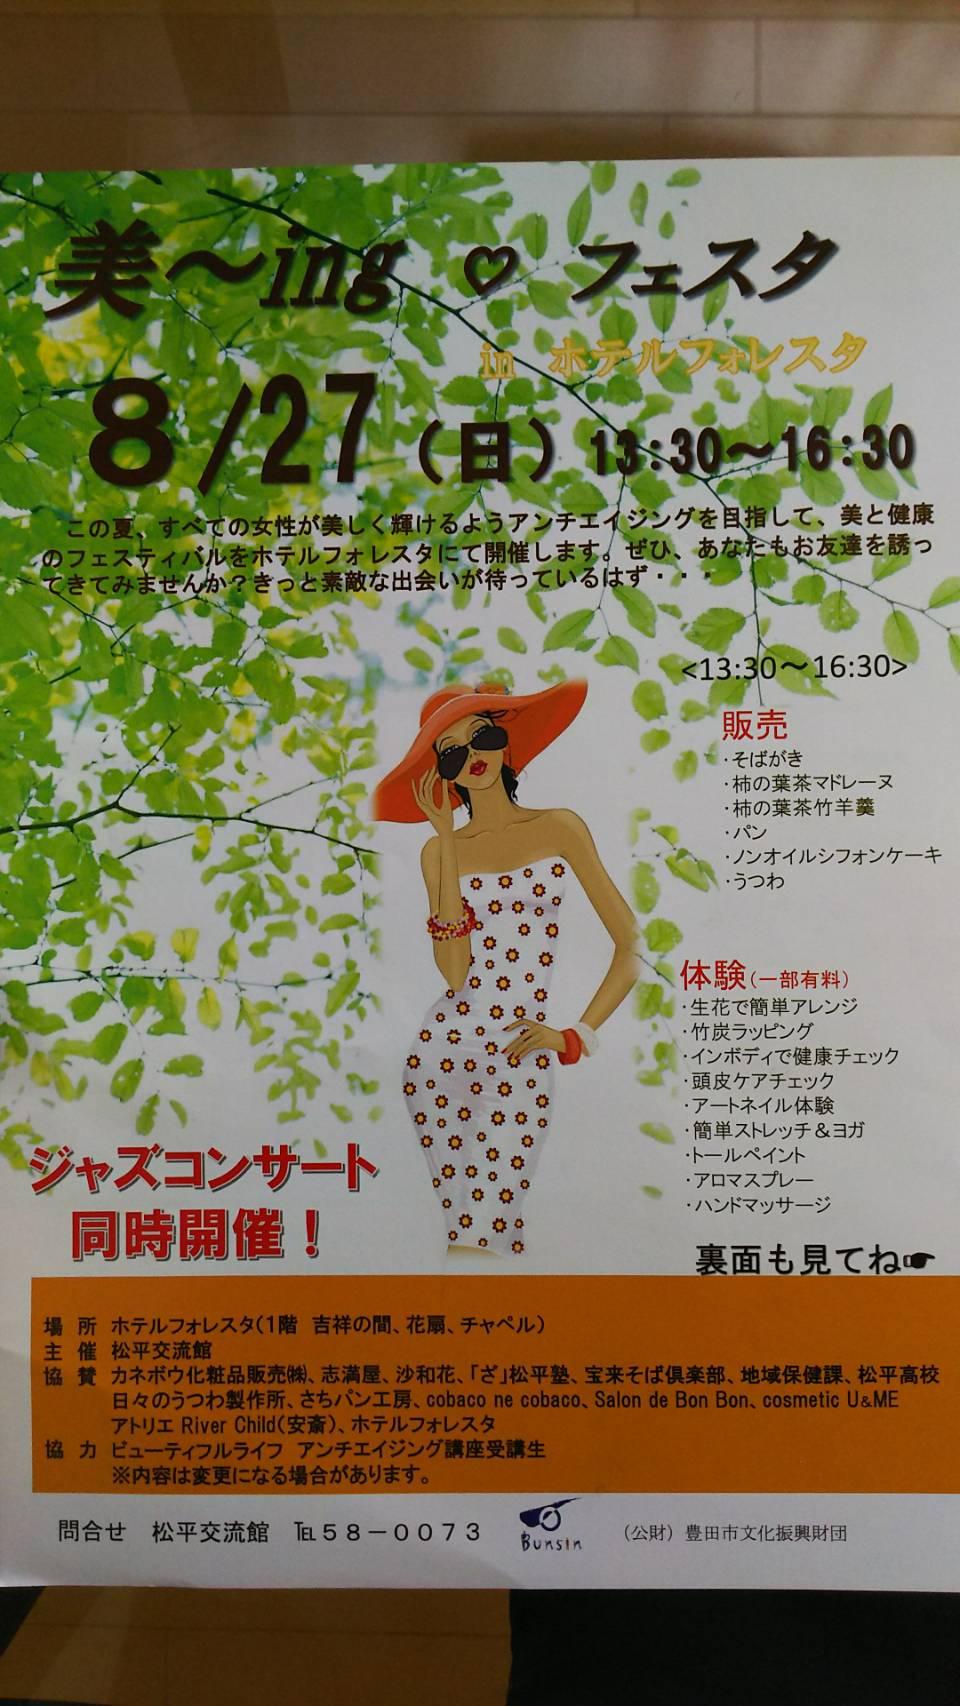 豊田市のホテルフォレスタ美〜ingフェスタ